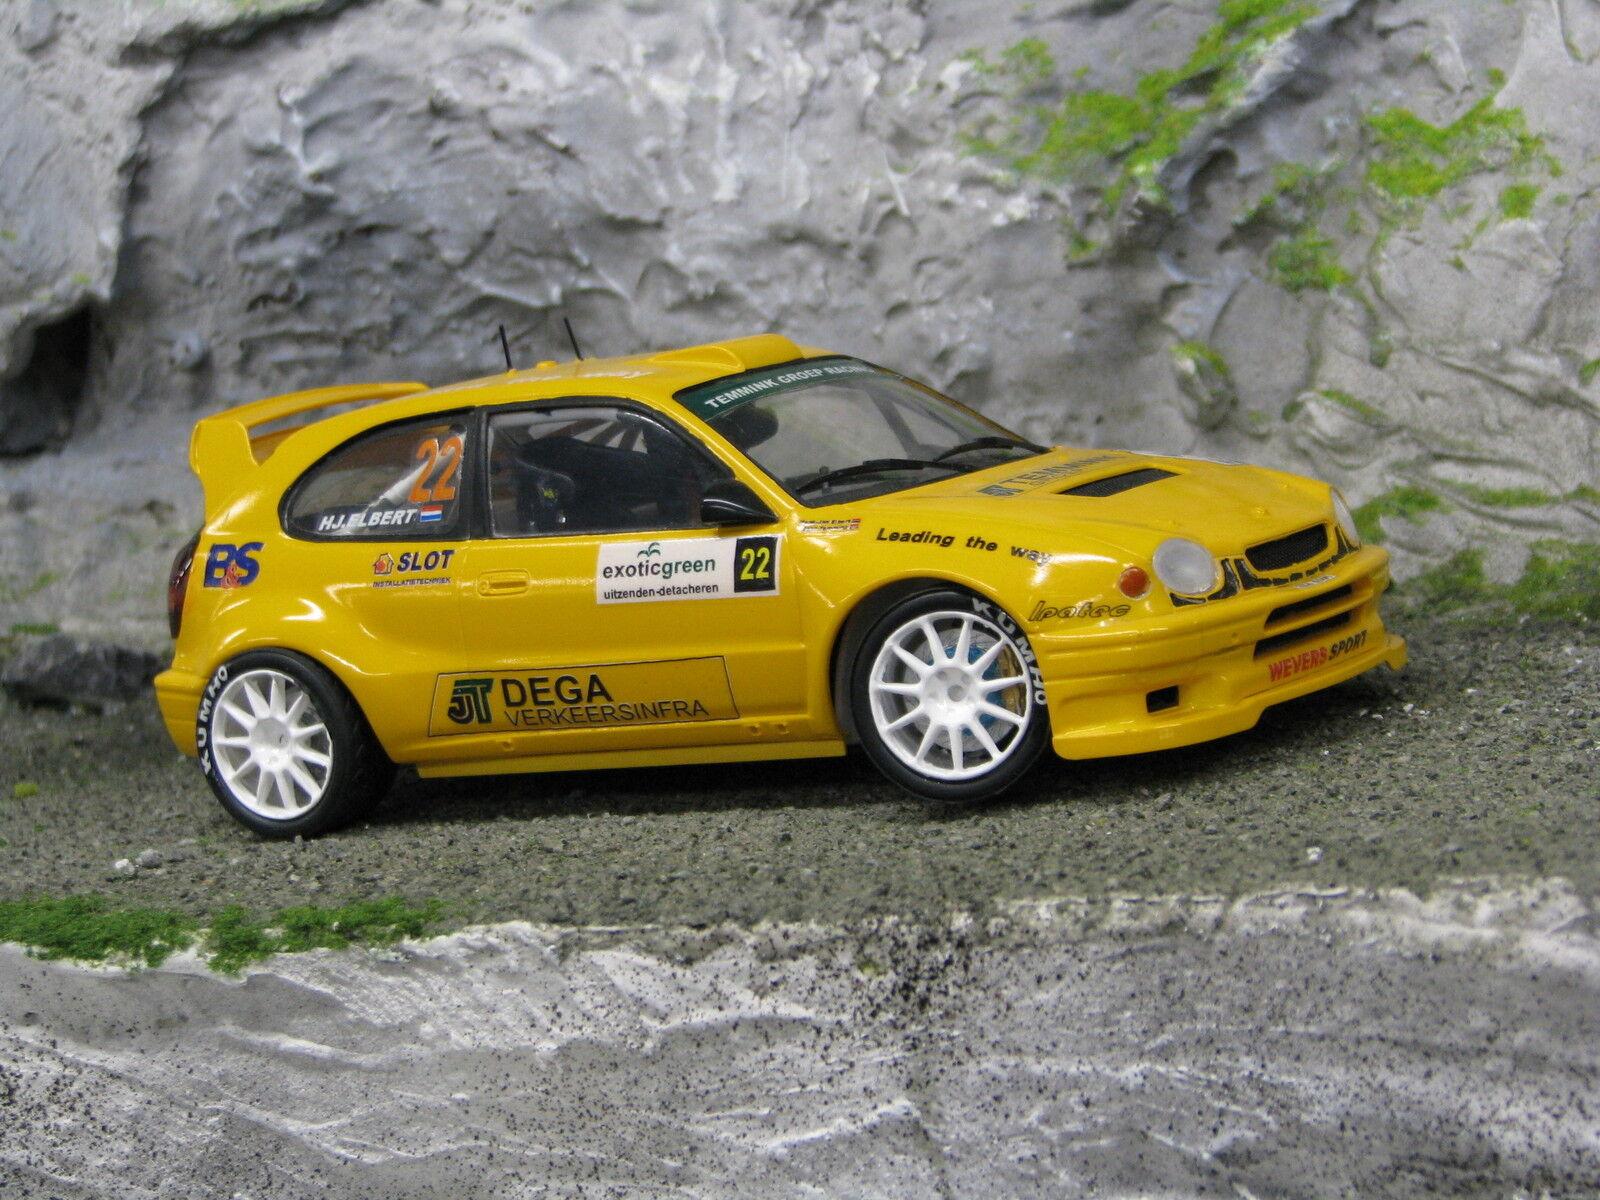 QSP Toyota Corolla WRC 1 24  22 Temmink   Elbert Exotic verde Rally 2007